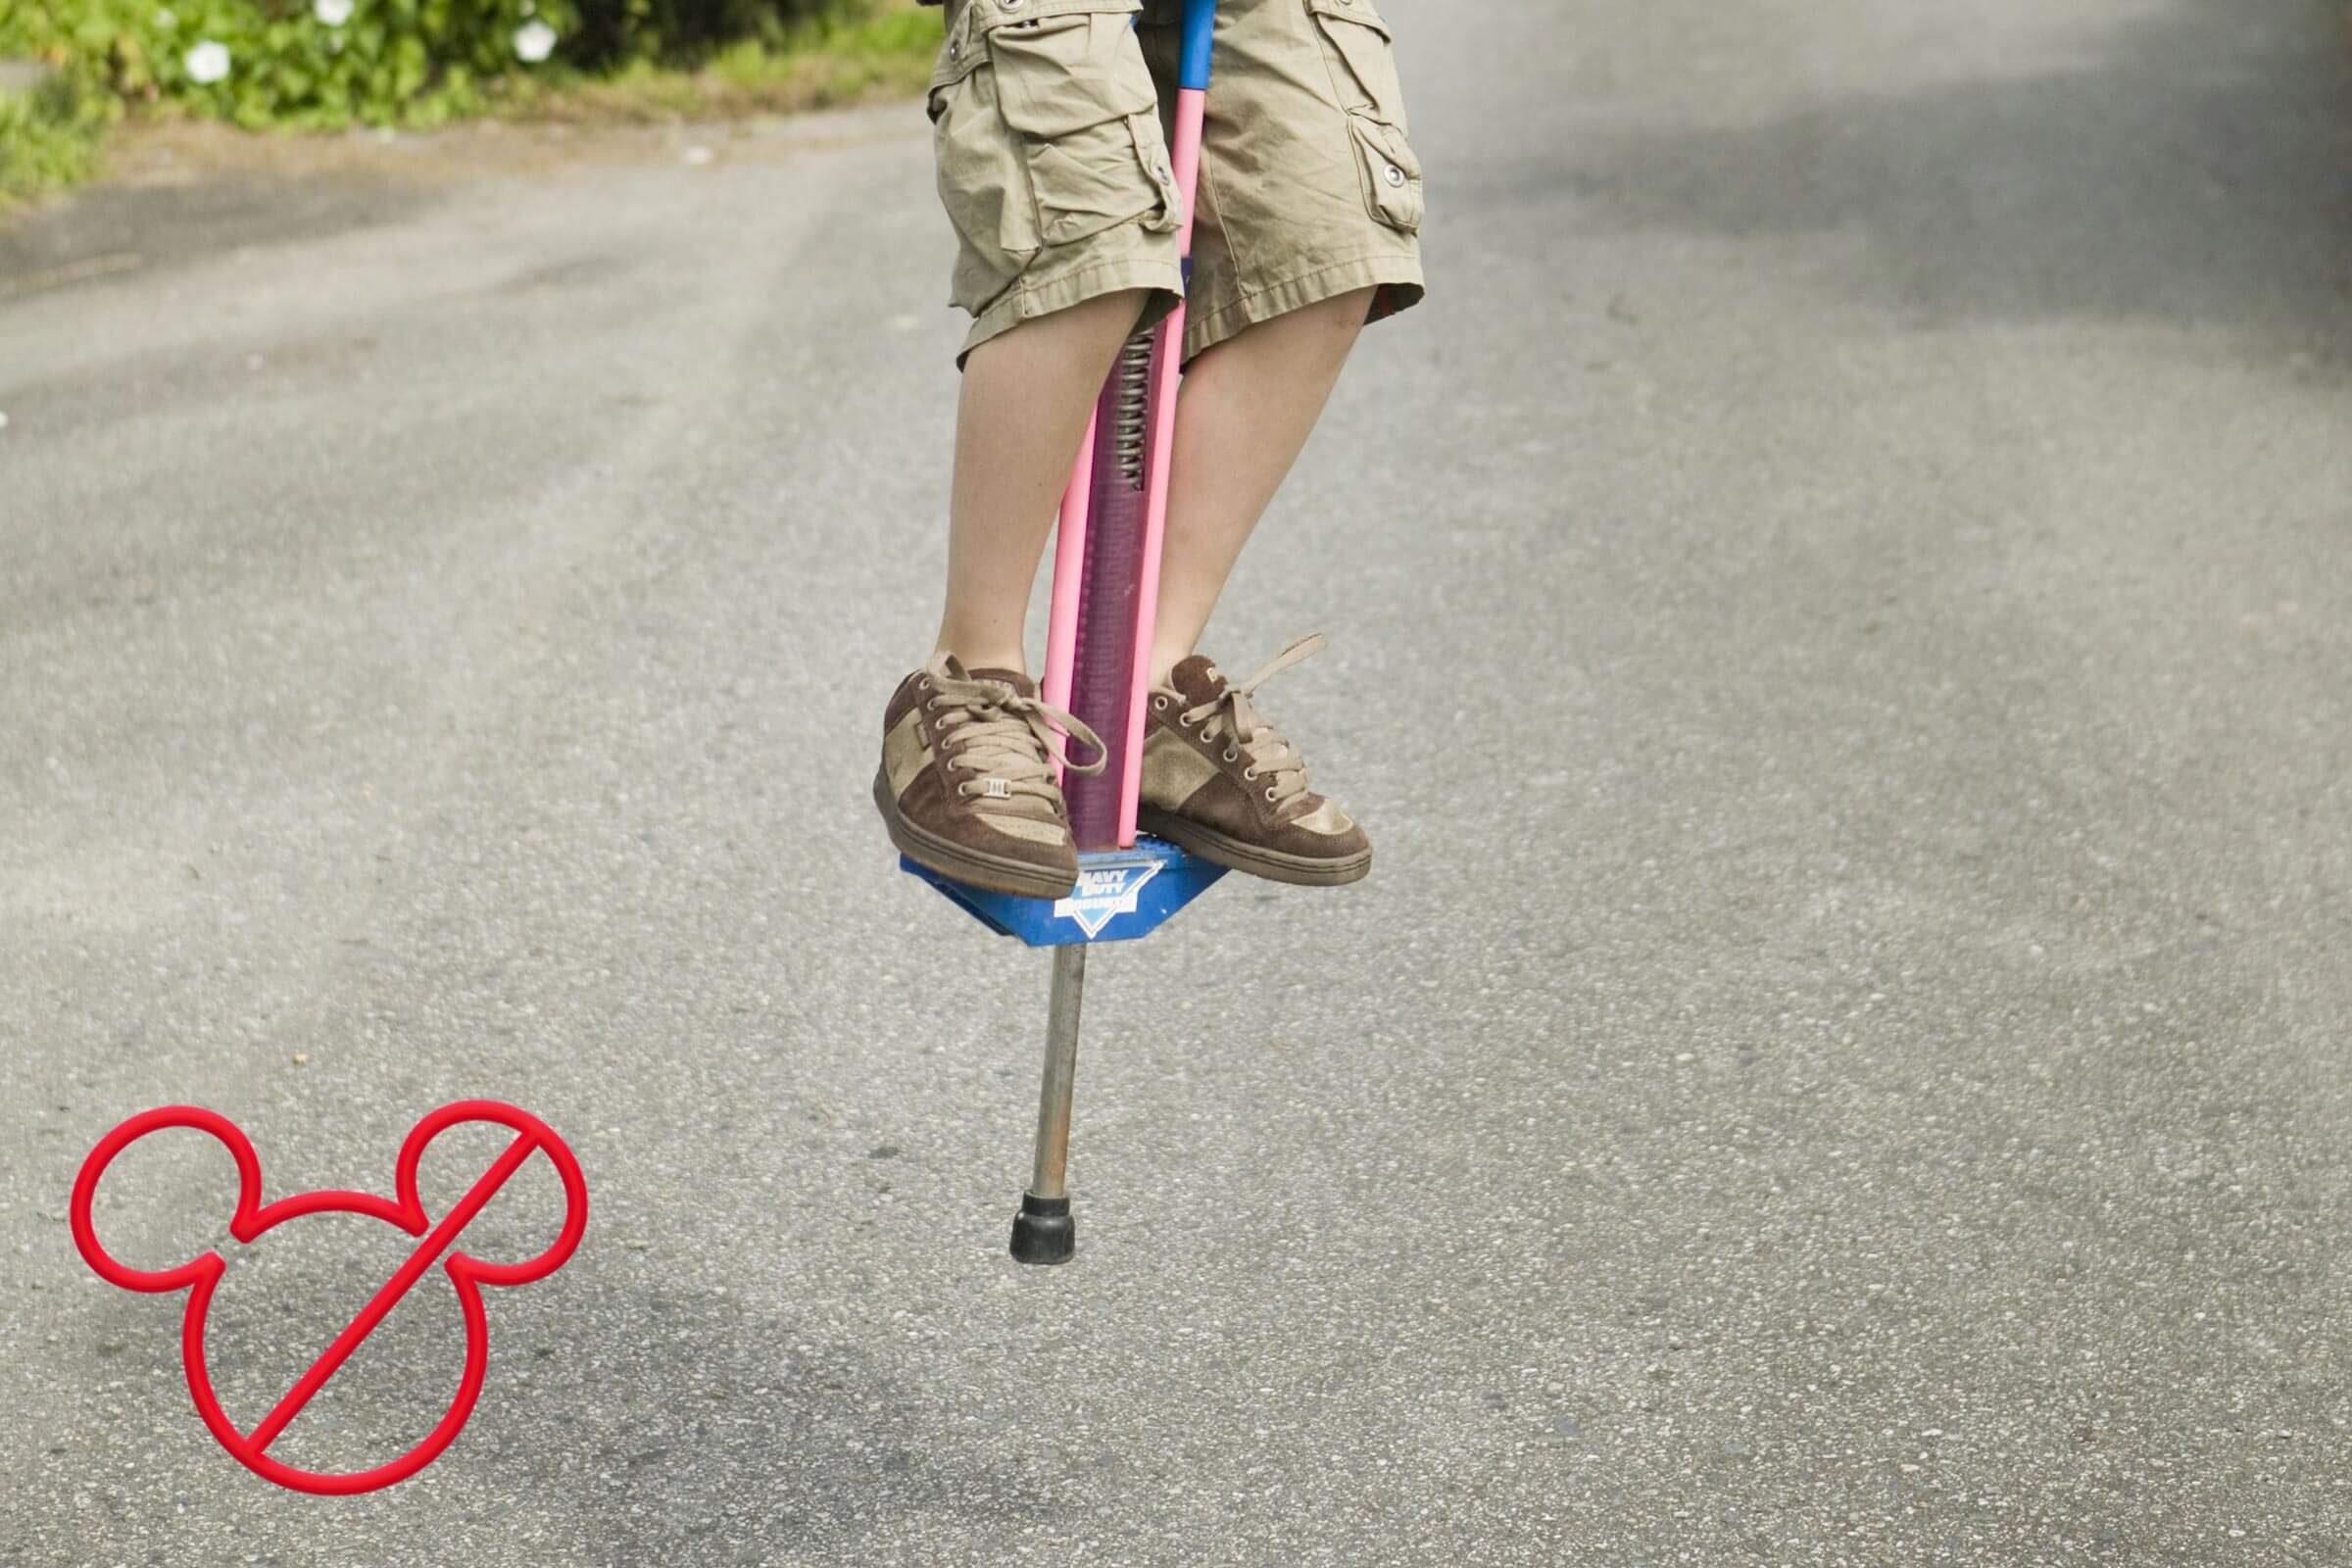 kid on a pogo stick